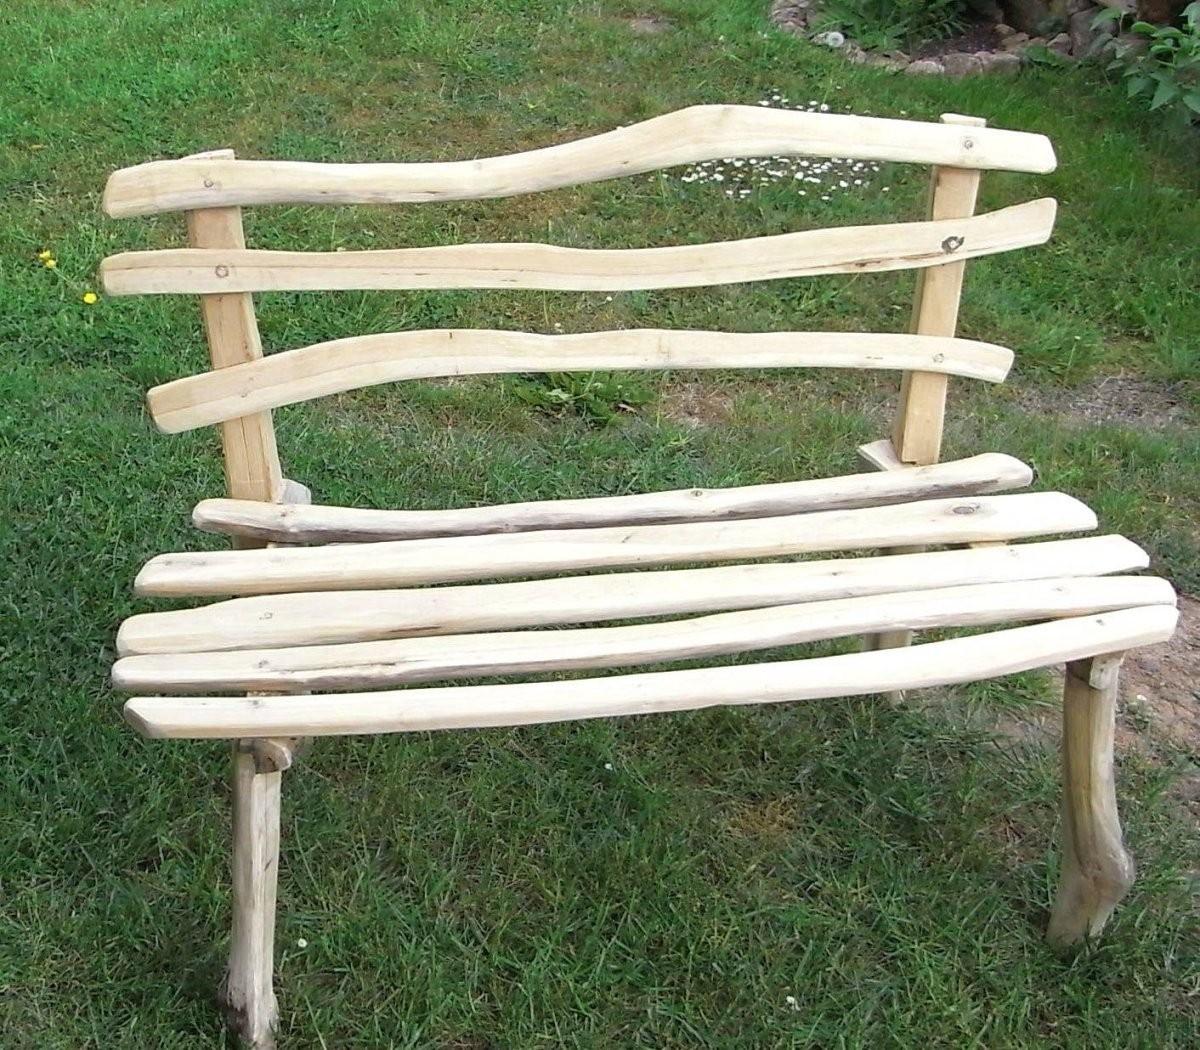 Gartenbank Selber Bauen Zement Schalsteine Holz Len Holz Von von Gartenbank Holz Rustikal Selber Bauen Photo